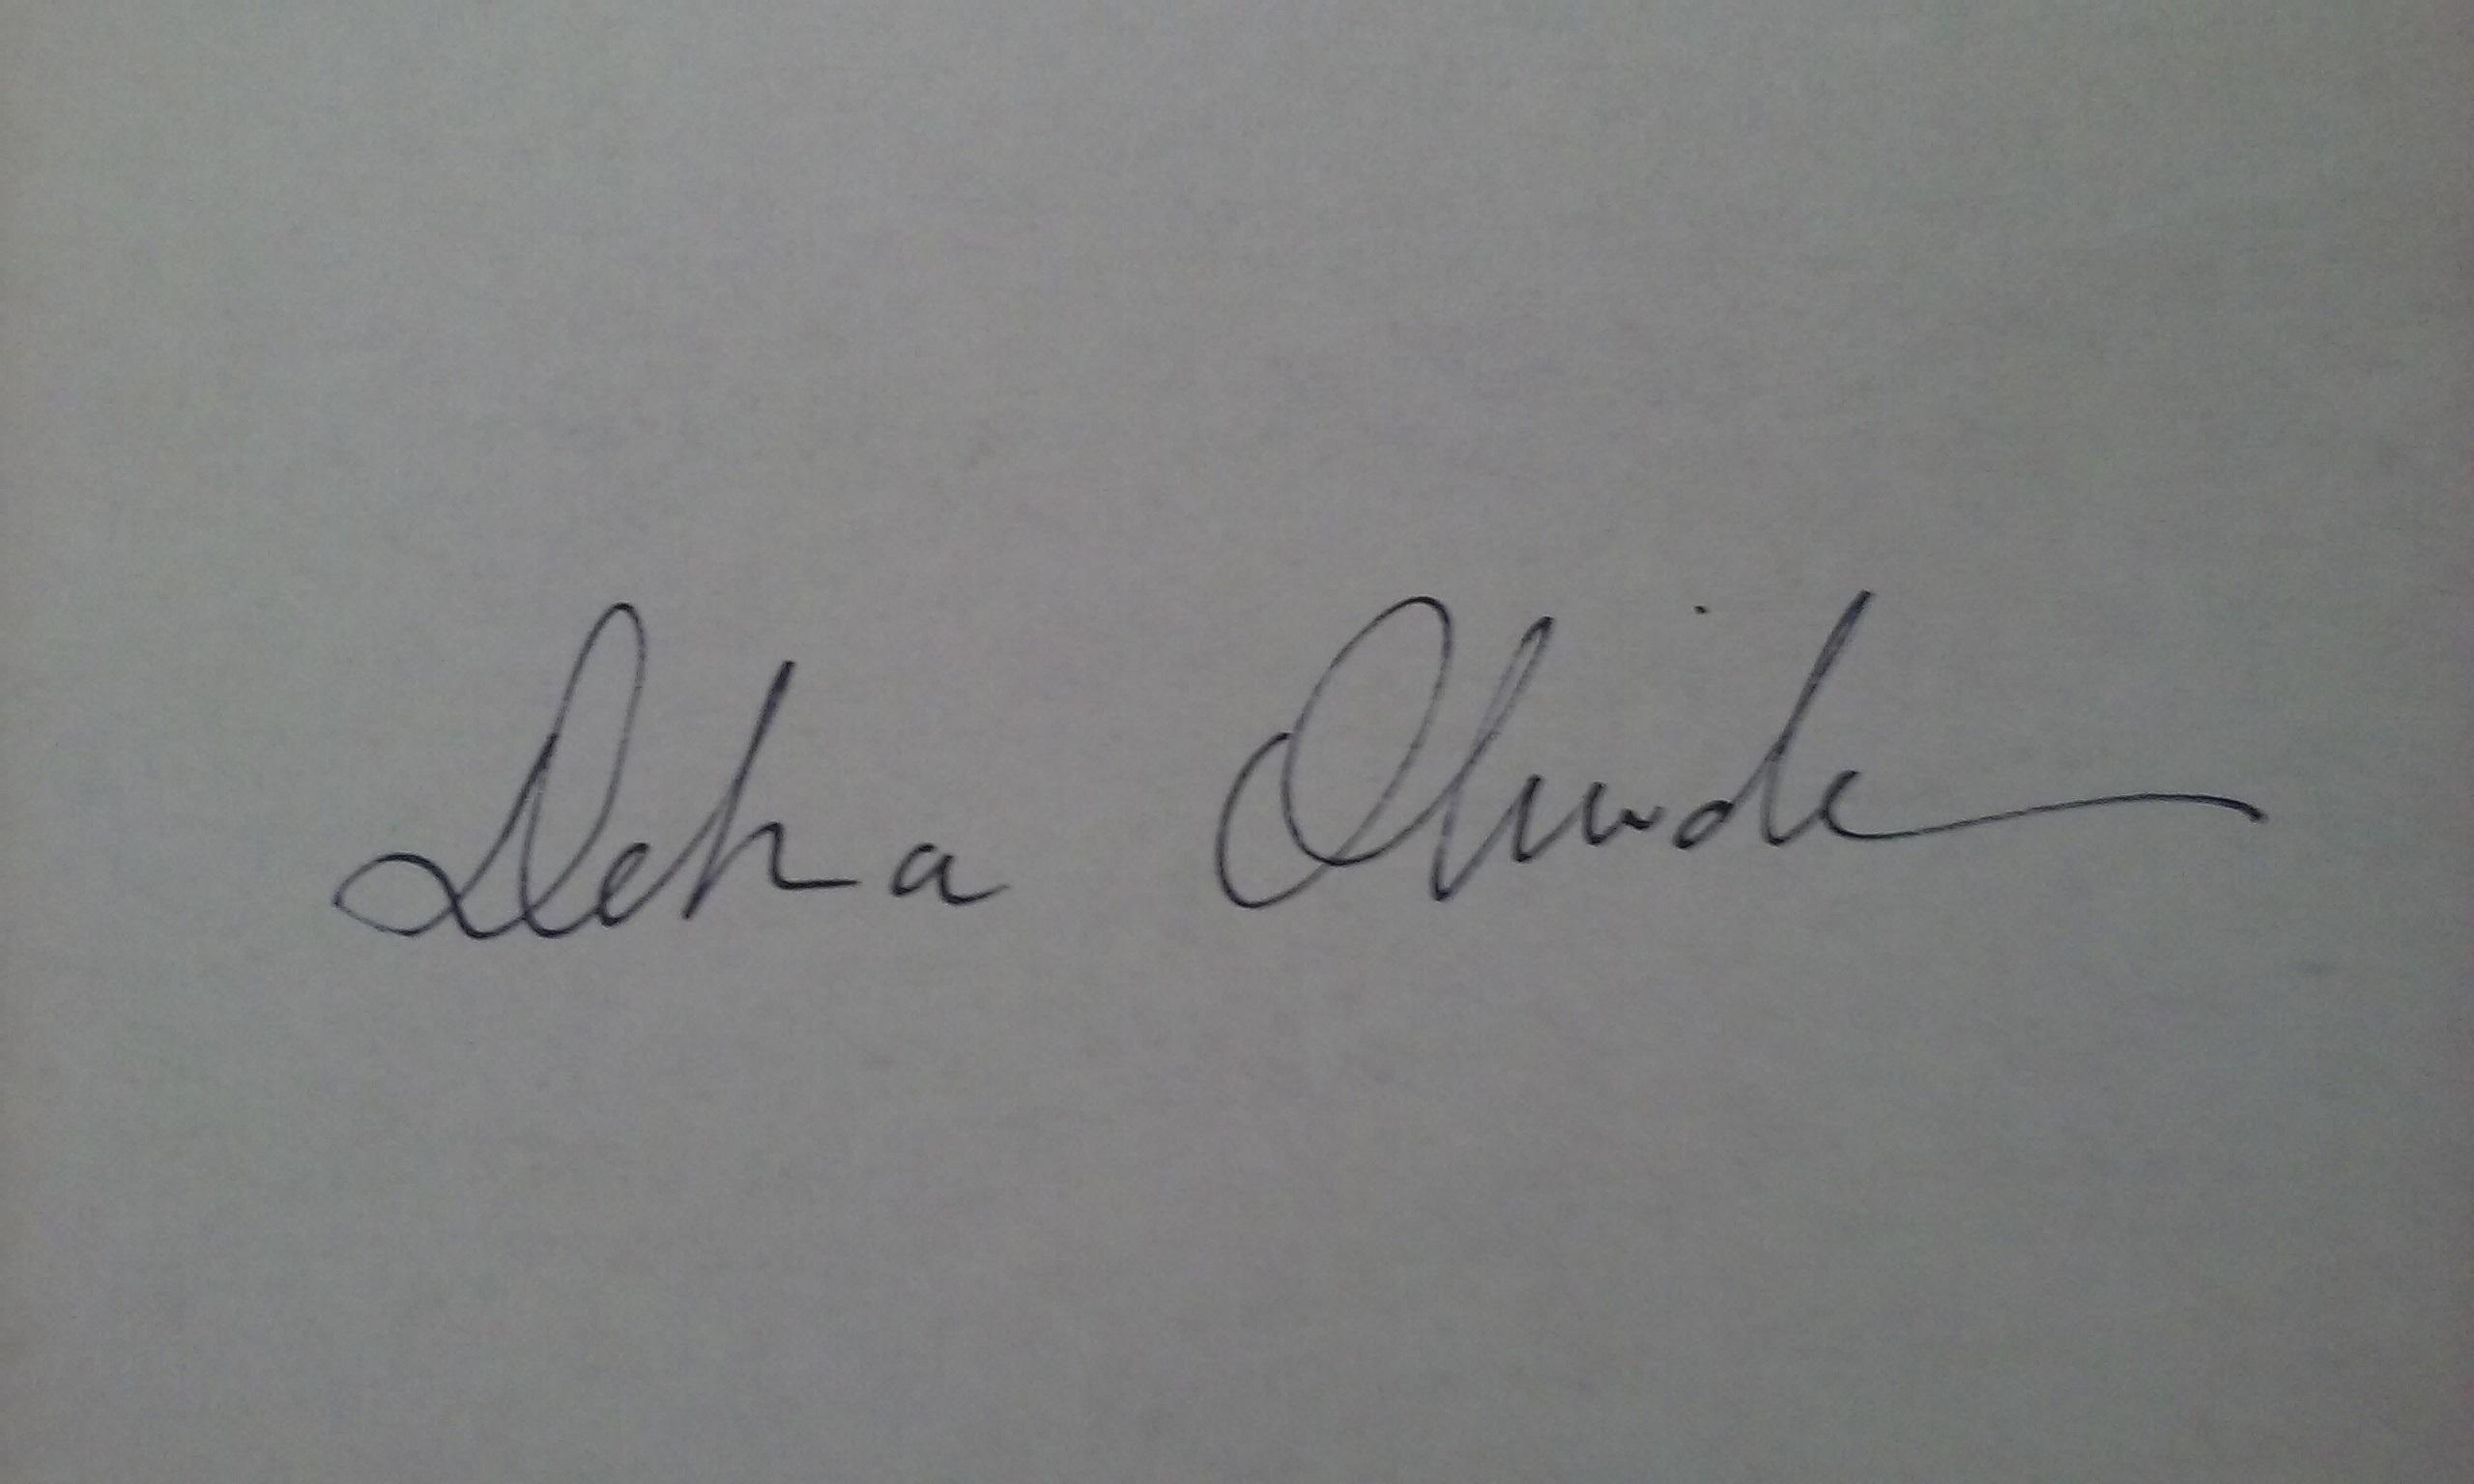 Debra Olivadese Signature